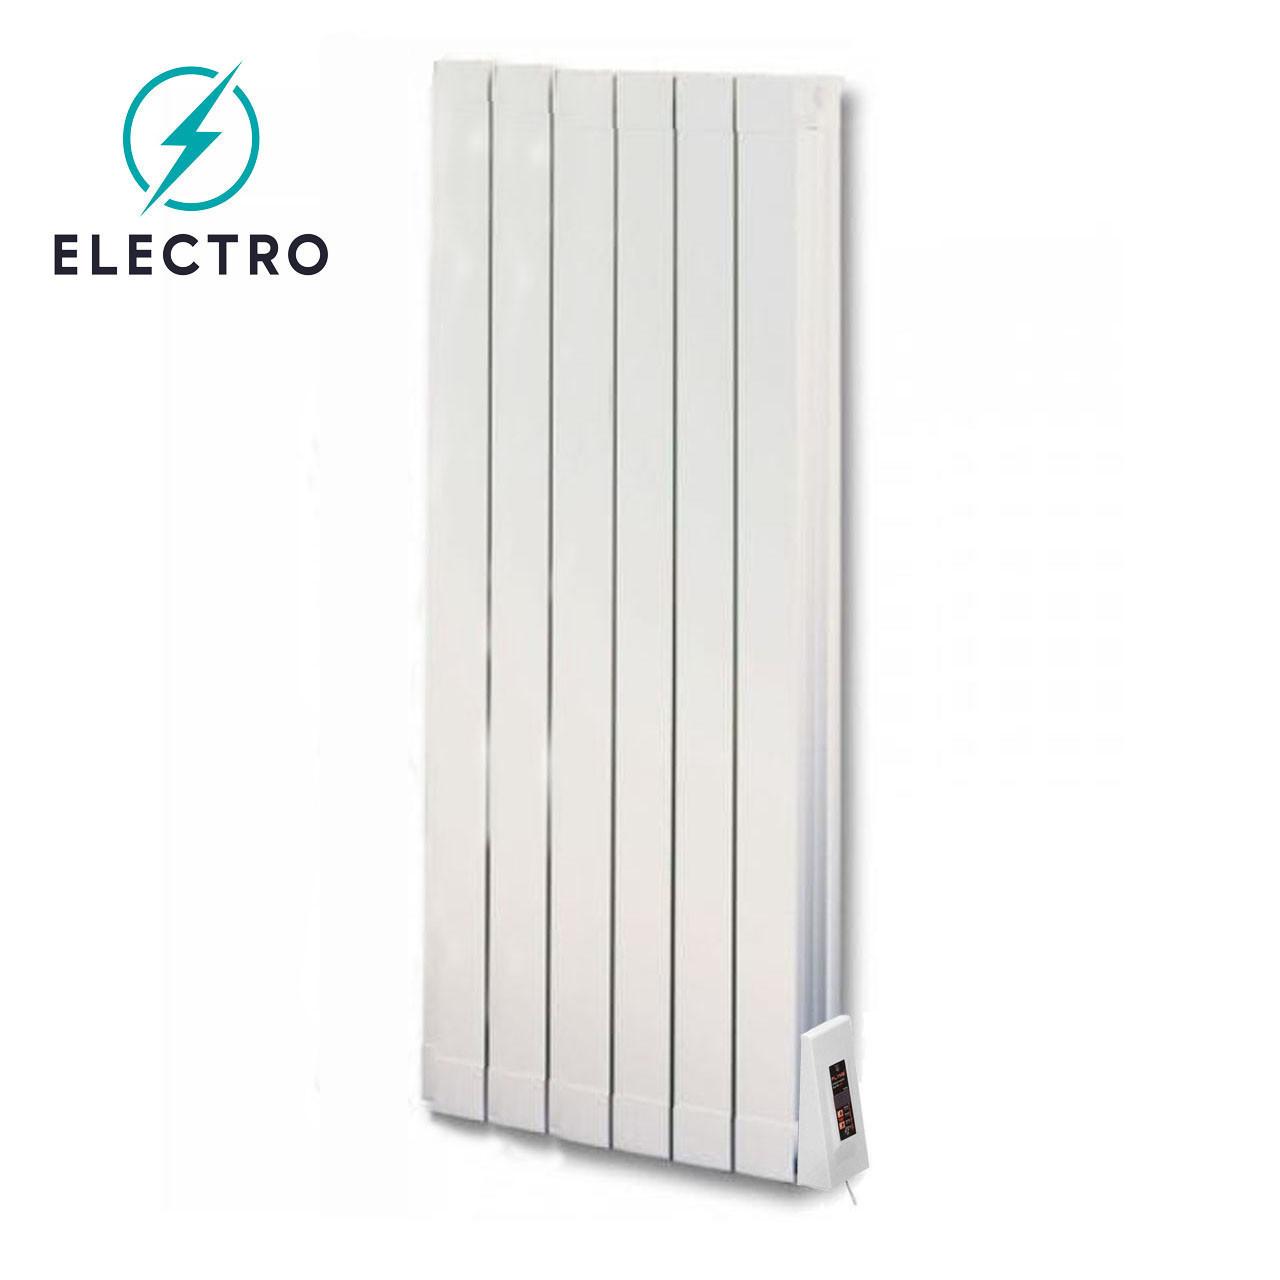 Электрорадиатор ELECTRO.G6S, премиум 1600/96 (280Вт)